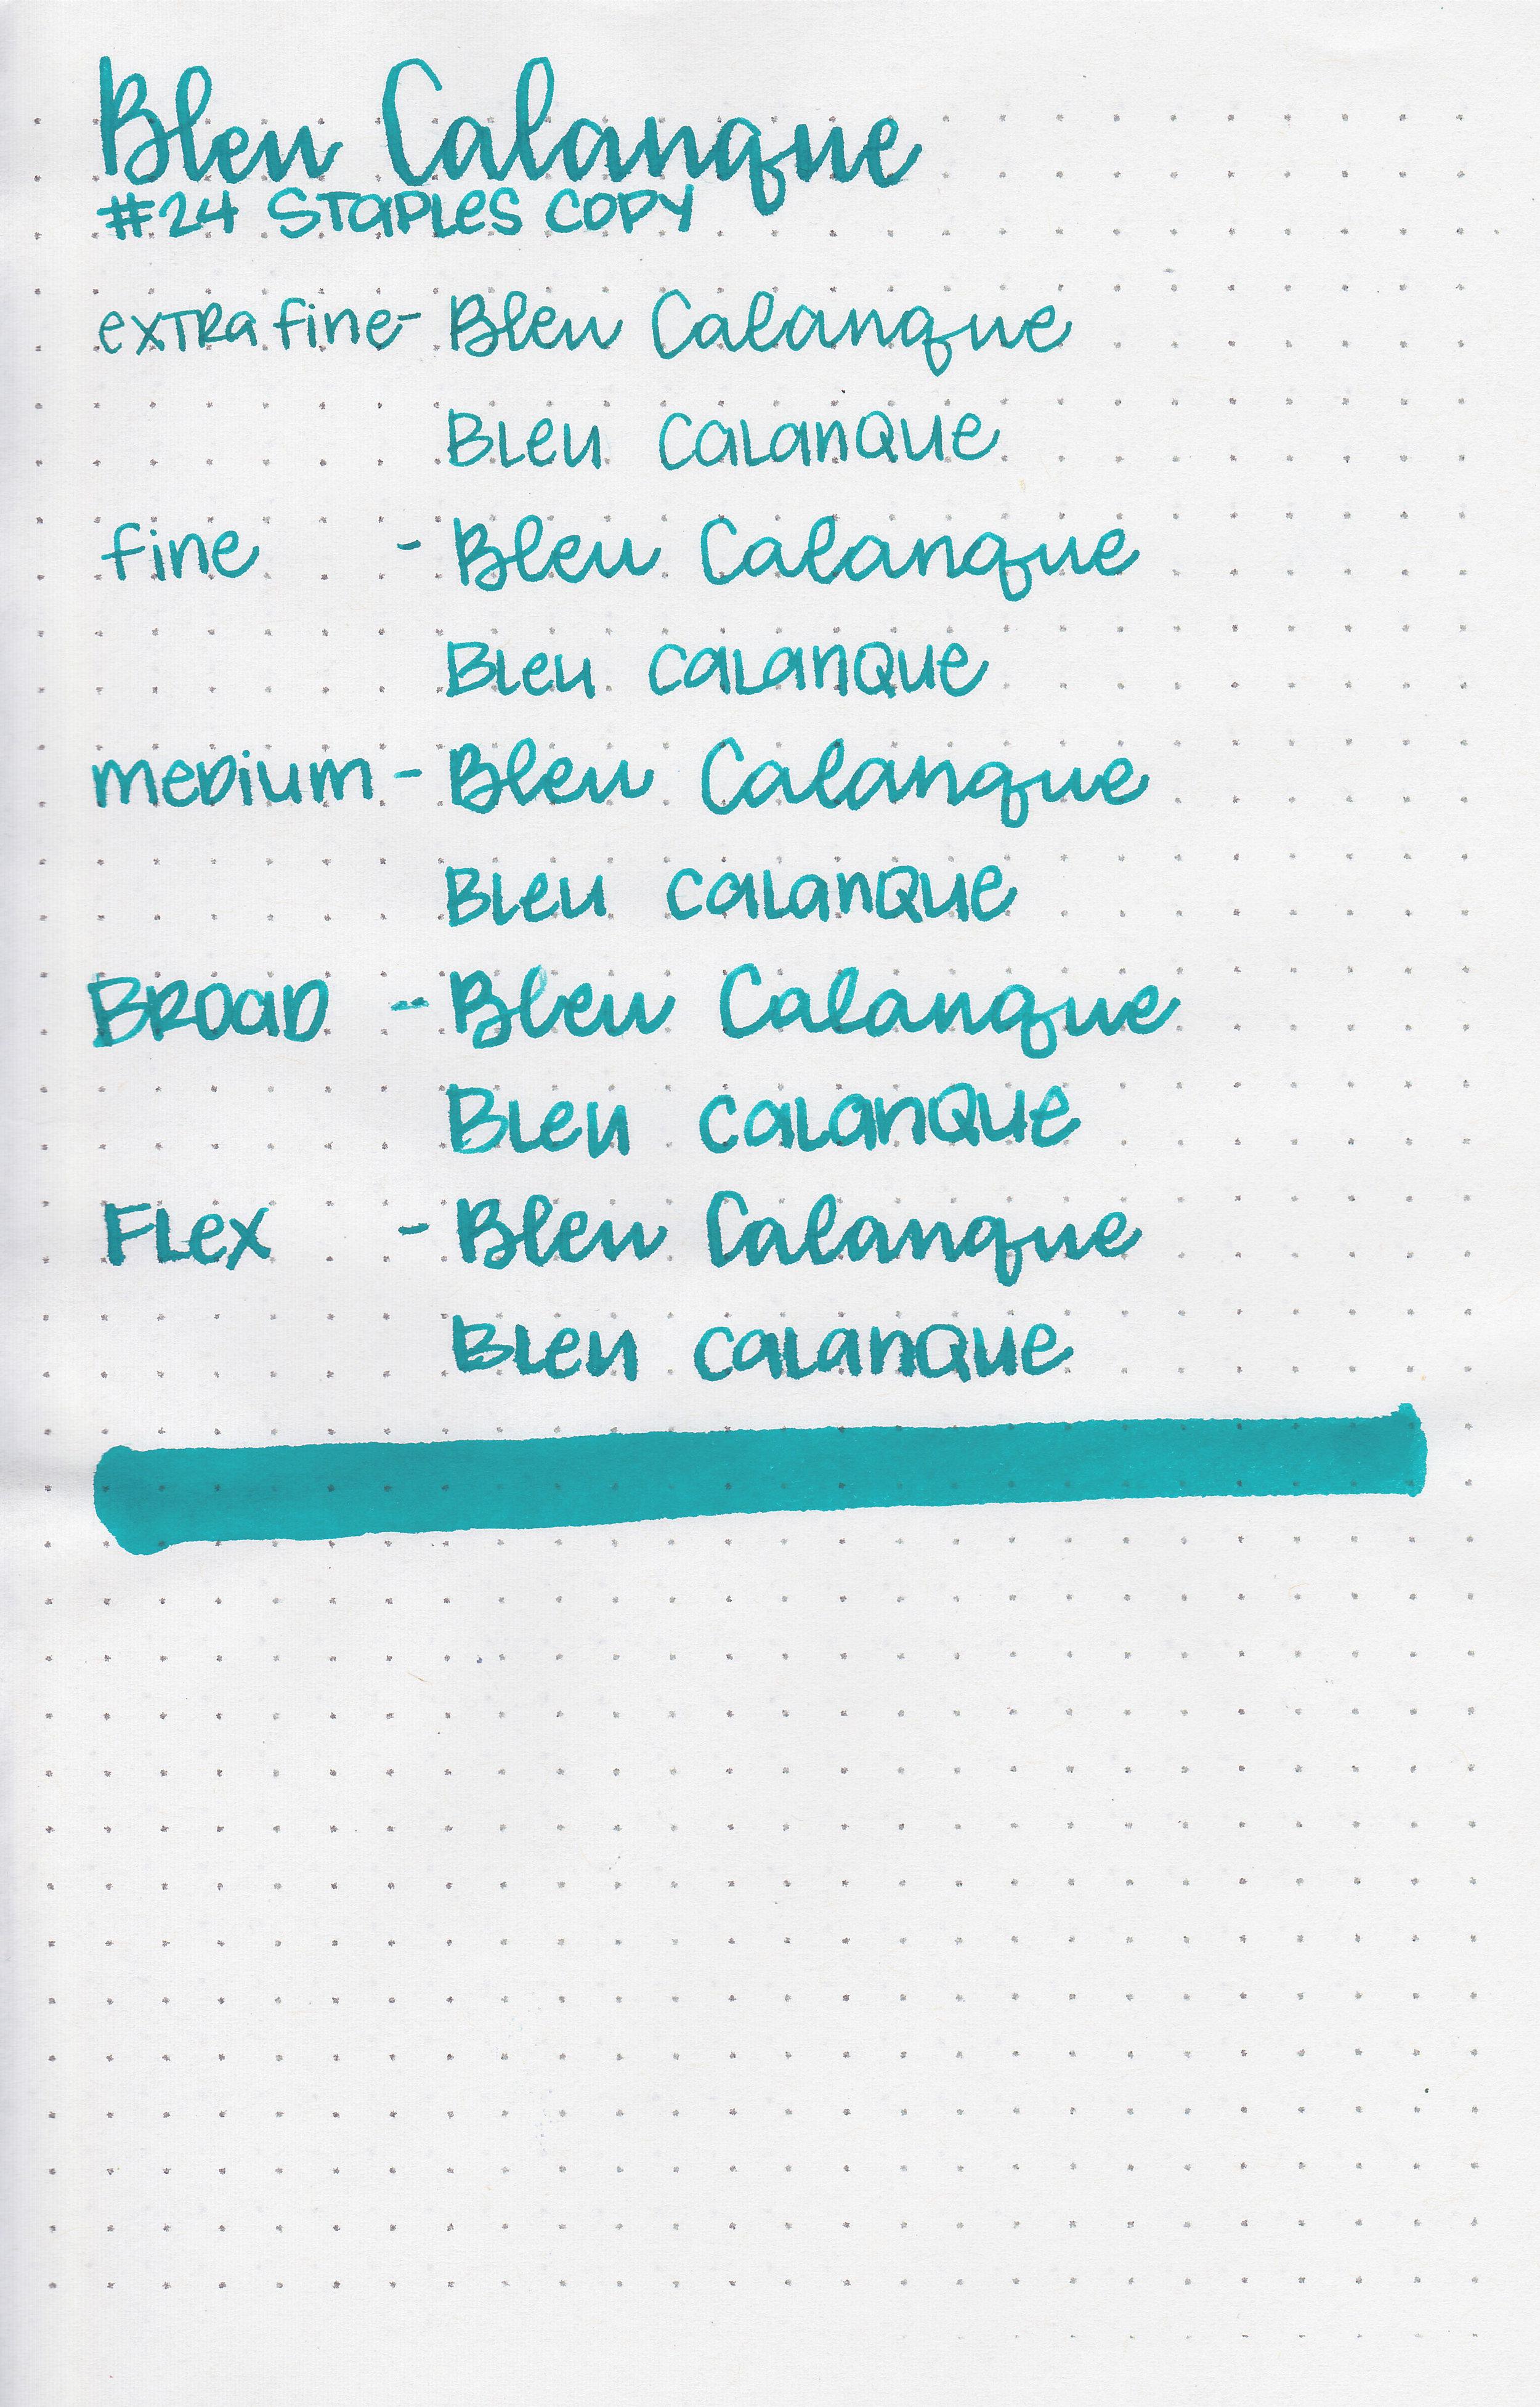 jh-bleu-calanque-11.jpg